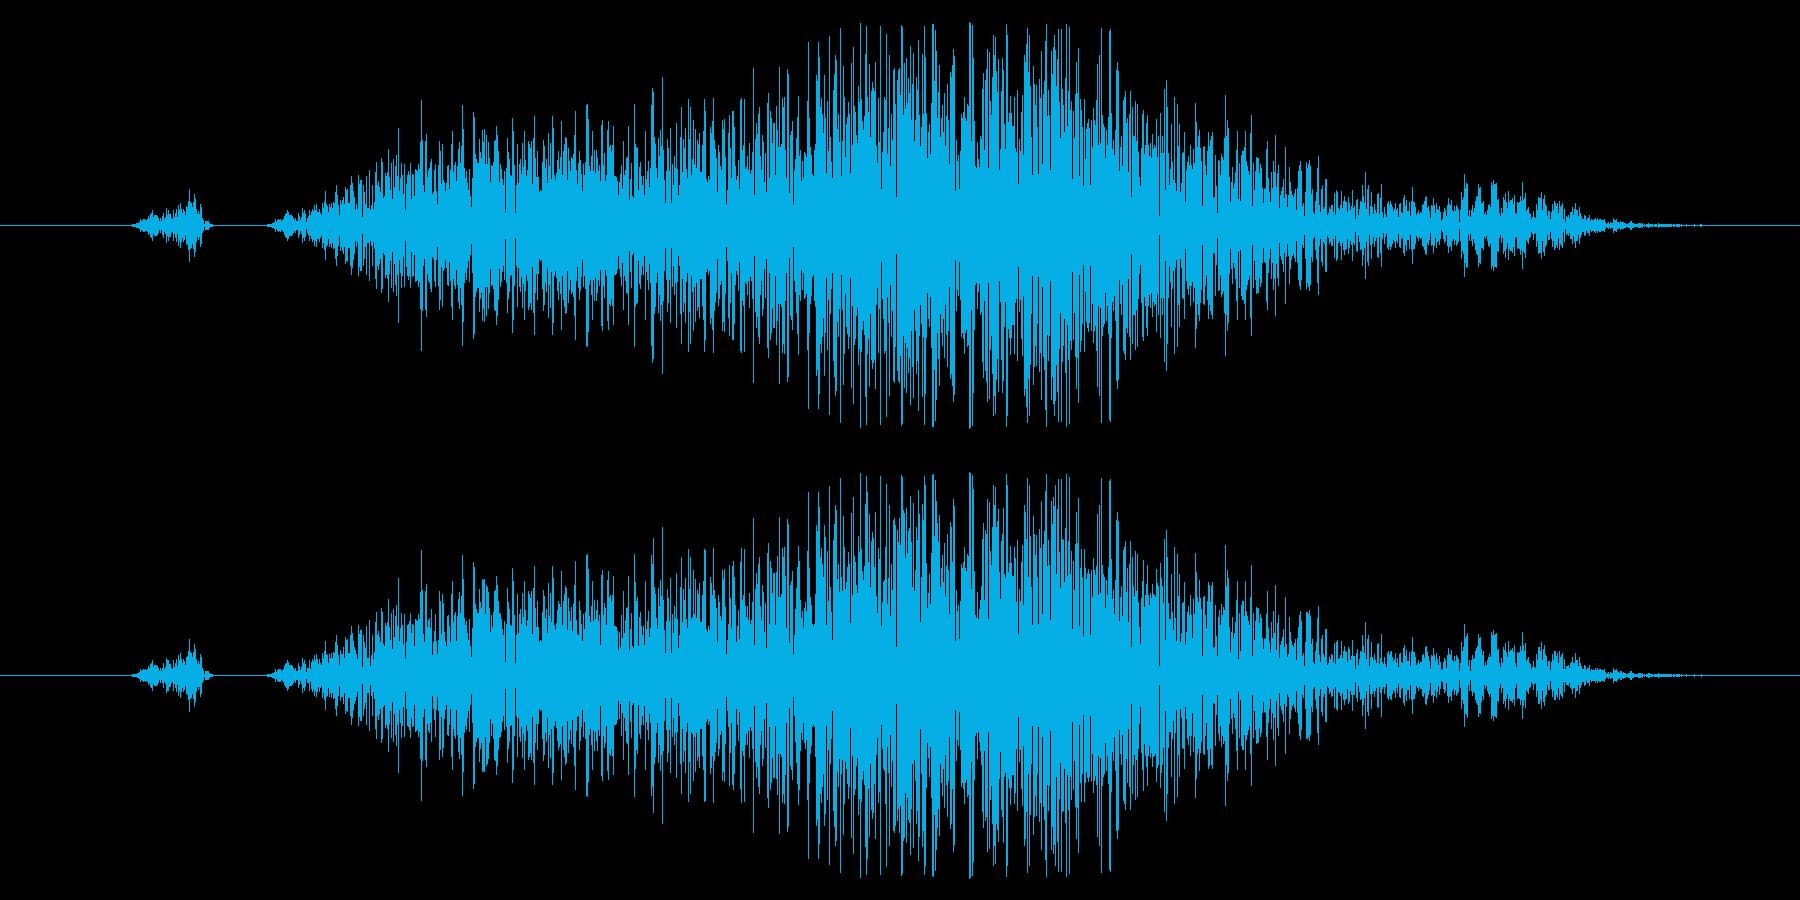 キャンセル、スワイプ効果音01の再生済みの波形